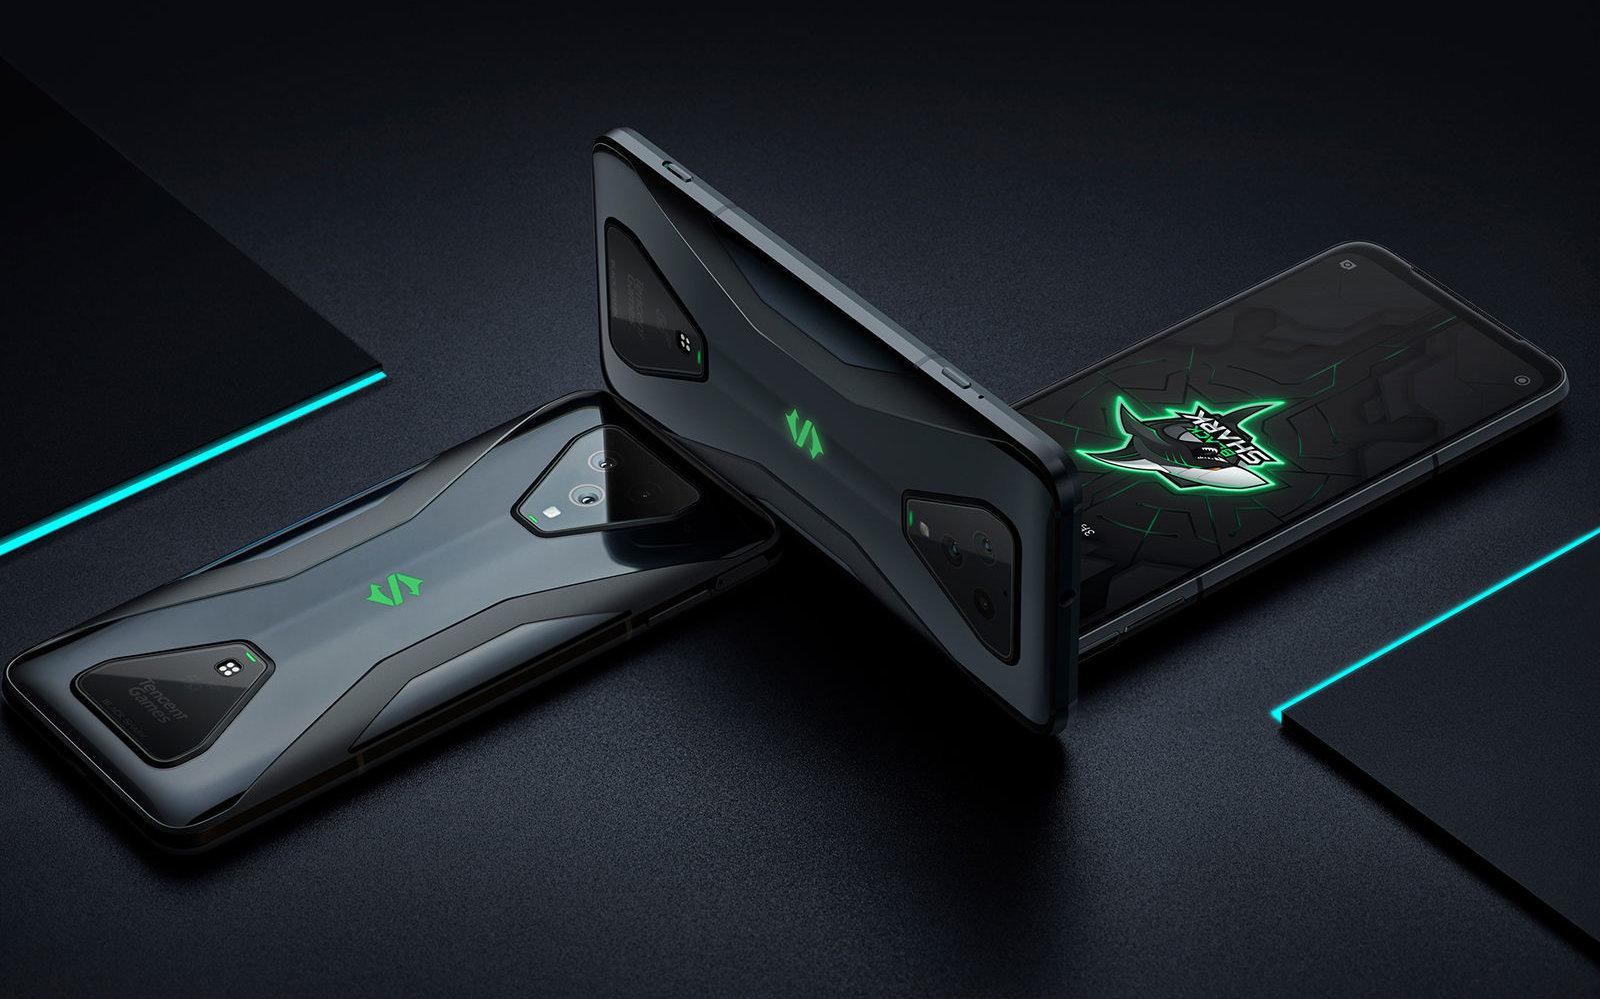 Xiaomi ra mắt Black Shark 3 và 3 Pro: điện thoại gaming 5G chính thống đầu tiên trên thị trường - VnReview - Tin nóng